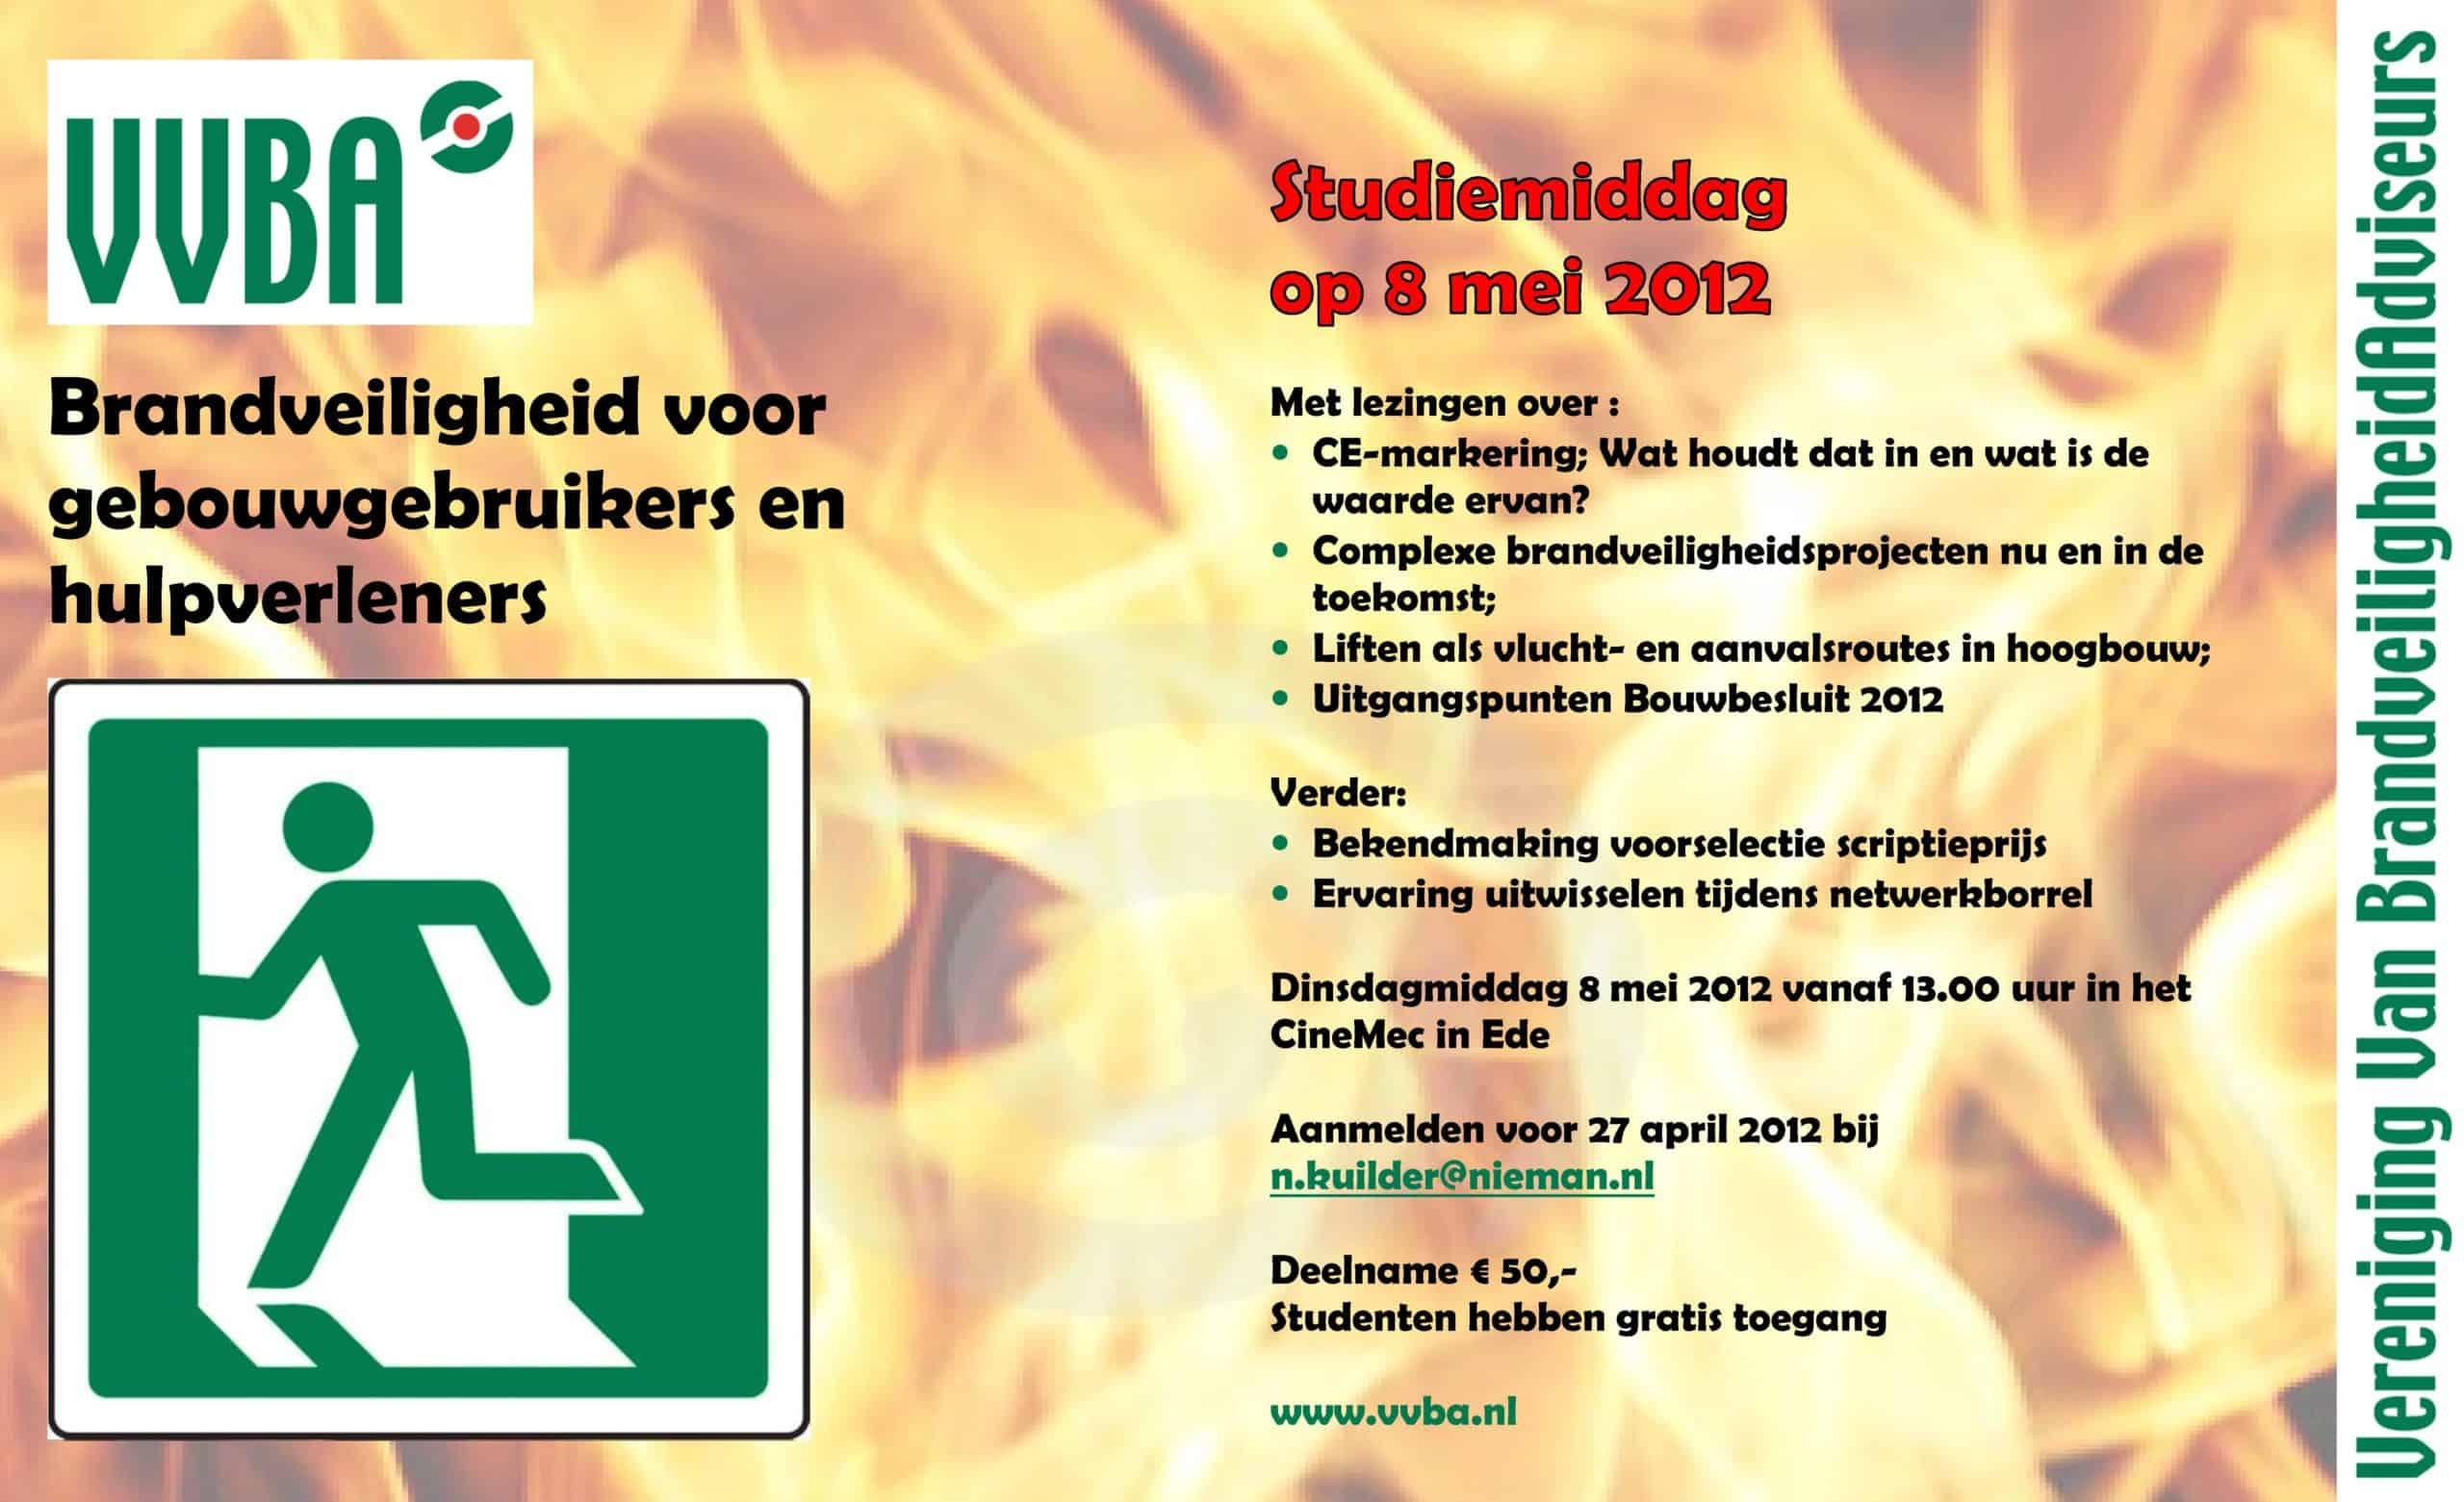 Flyer-VVBA-Studiemiddag-op-8-mei-2012-1-scaled